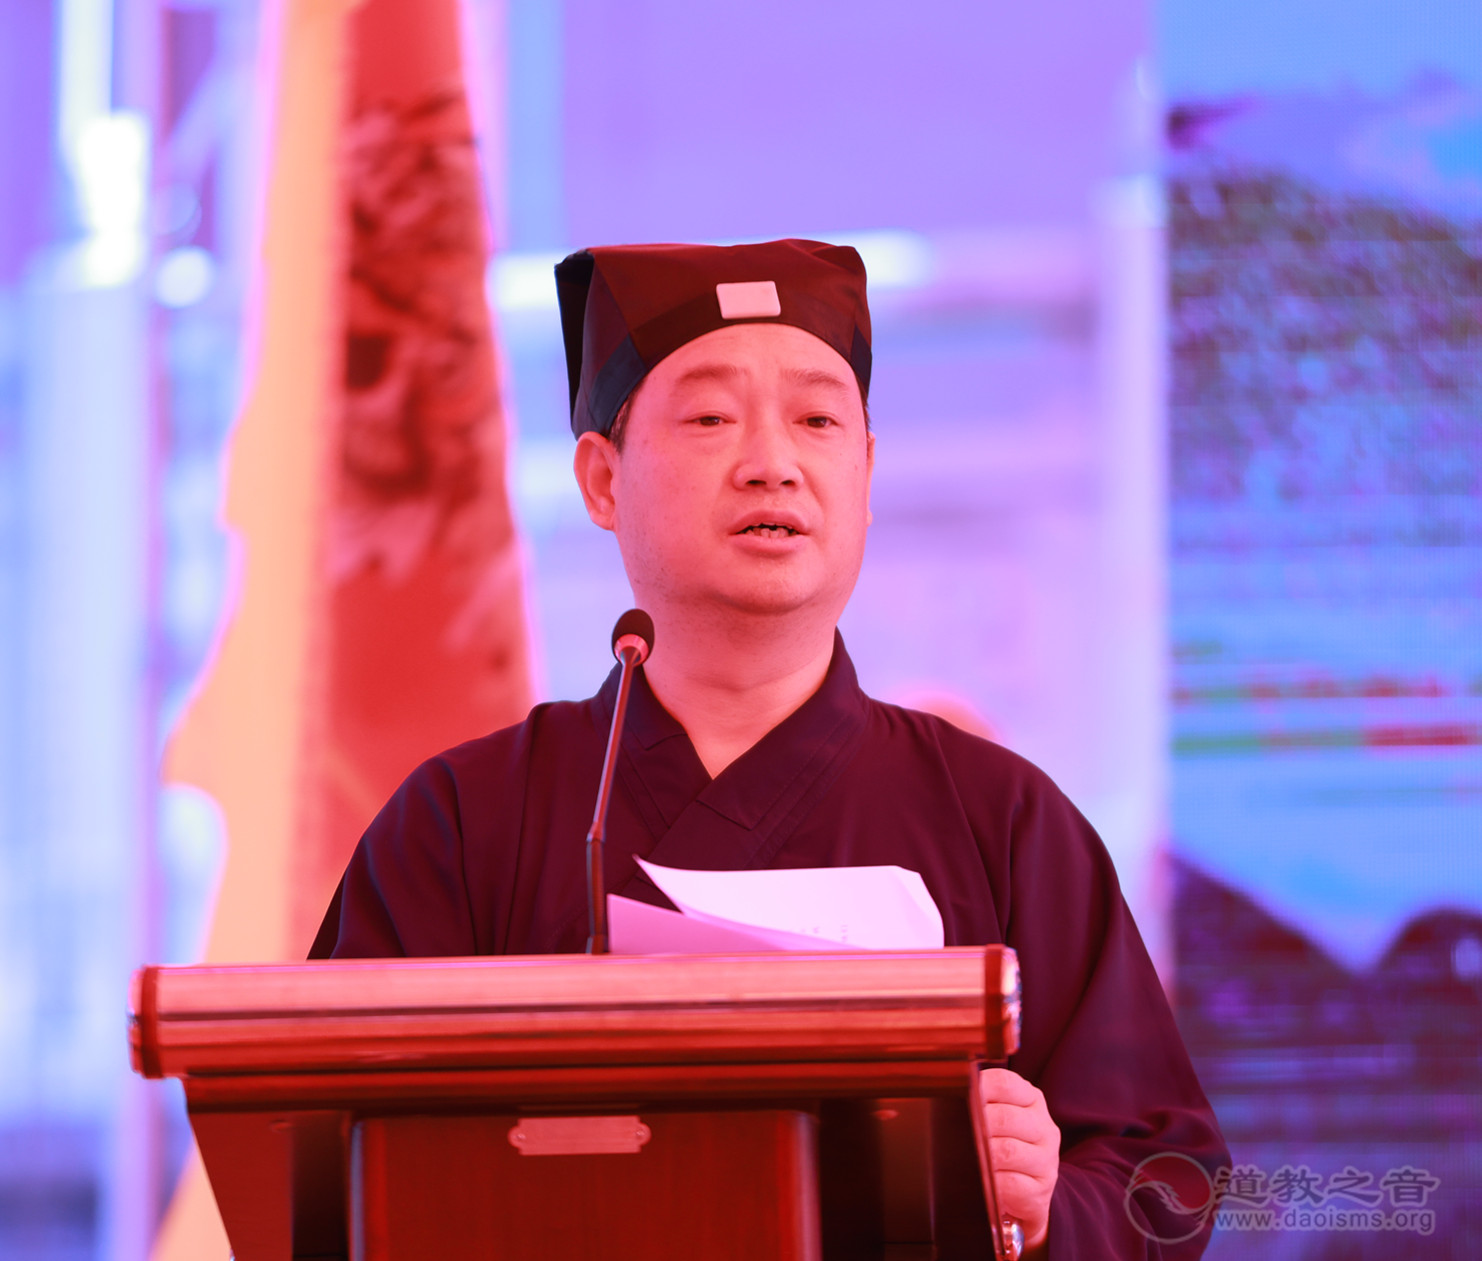 《灵宝教典》新书首发仪式在灵宝祖庭閤皂山举行